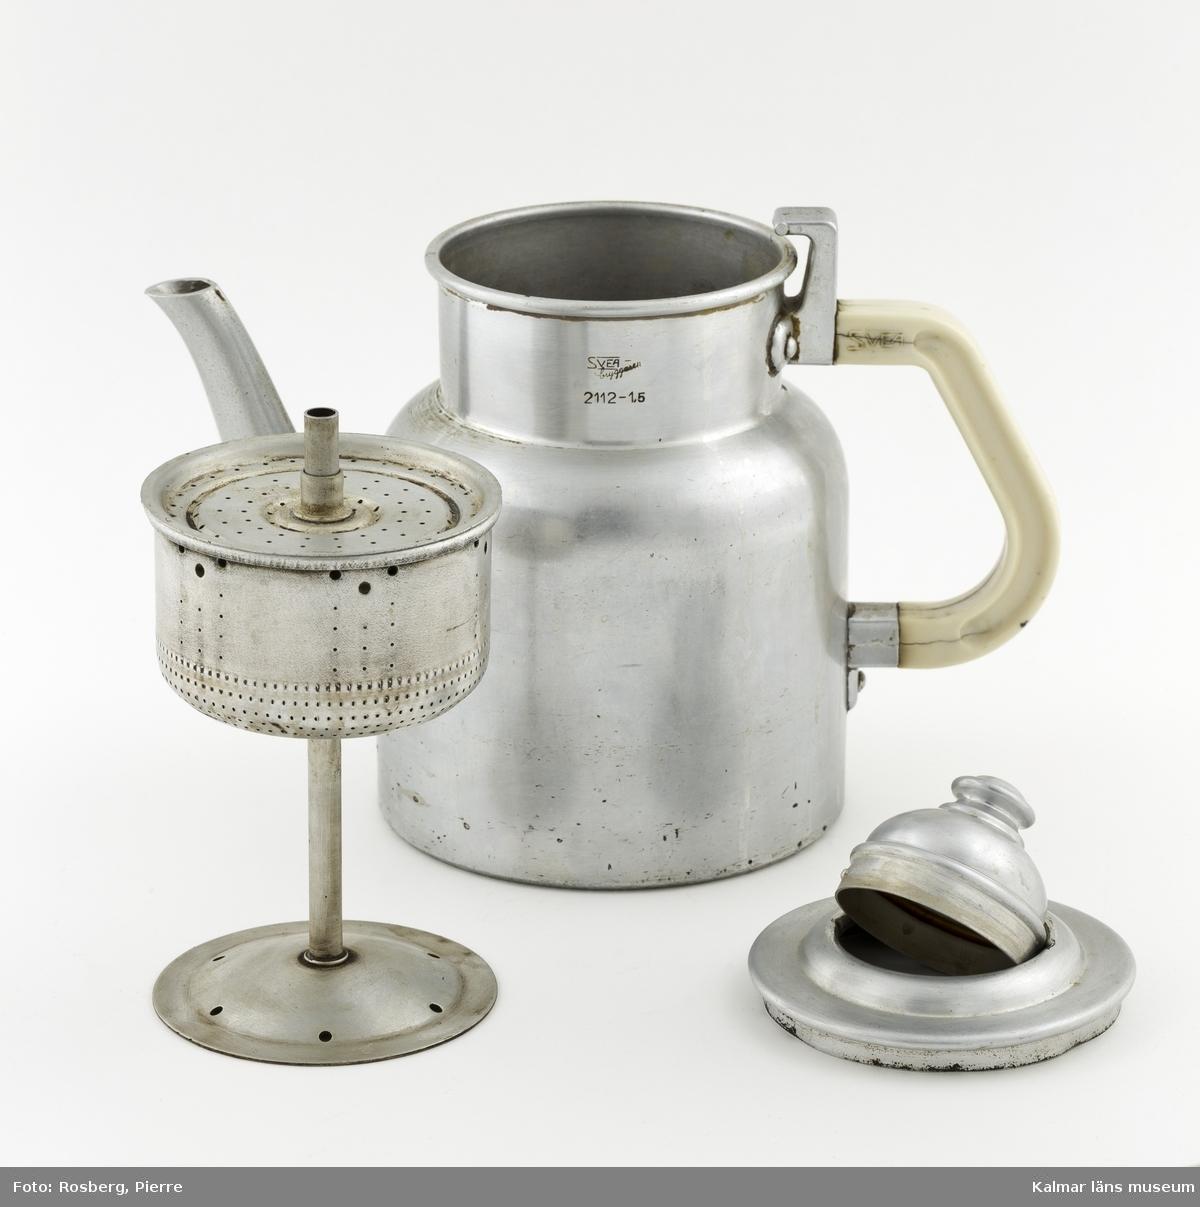 KLM 41976:2 Kaffekokare, 1 st, aluminium. Handtag av bakelit, vitt, helt av metall. Cylindrisk kanna med skuldra, pip, lodrätt handtag, lock med knopp. Varumärket finns stämplat på kannans hals: Svea-bryggaren, 2112-1,5. I kannan finns en lös insats, filterkonstruktion i flera delar. Tillverkad av Nickelfabriks AB Gottfrid Carlsson Eskilstuna. Jämför KLM 41976:1. Typen av kanna visades på Stockholmsutställningen 1930.